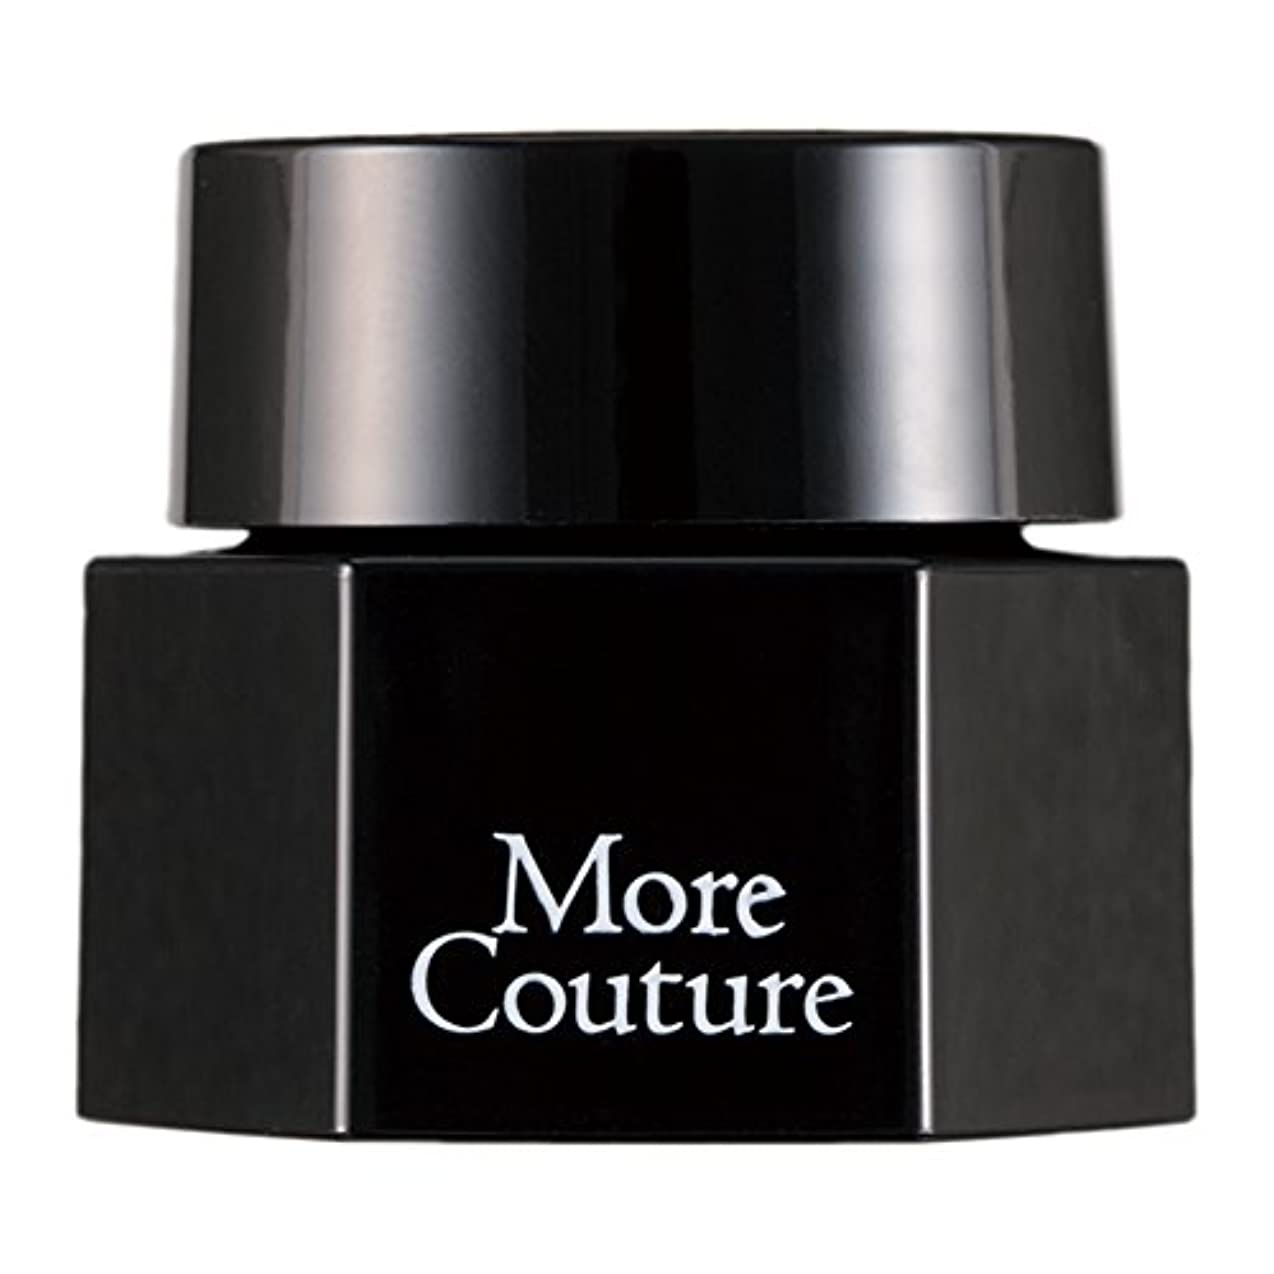 ヘア関数娯楽More Couture MoreGel カラージェル 050 リアルブラック 5g